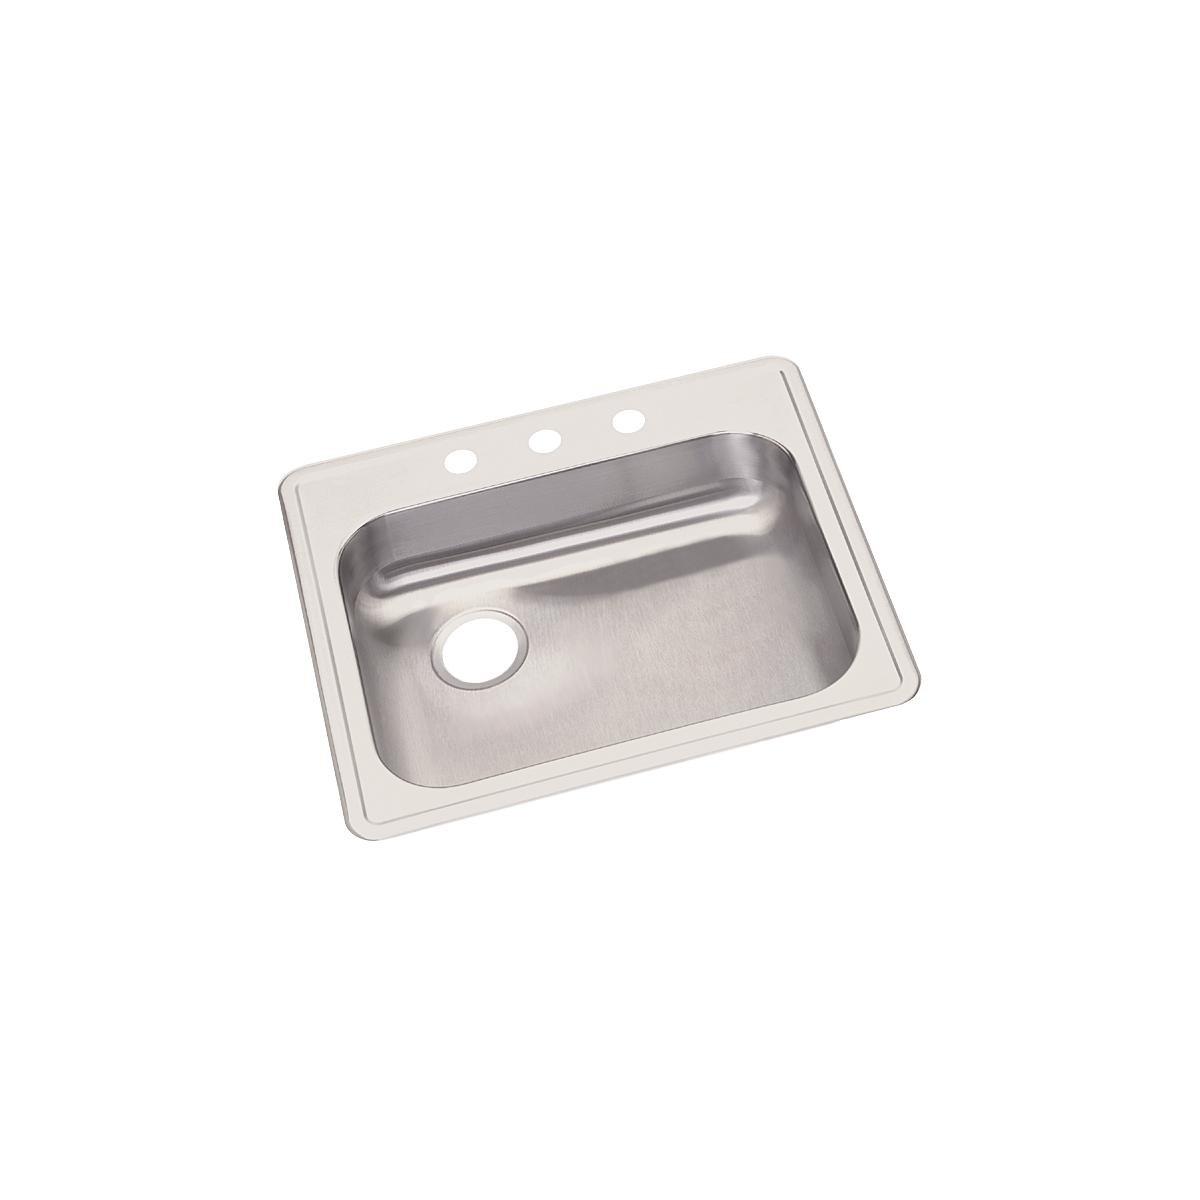 Dayton GE12521L3 Single Bowl Top Mount Stainless Steel Sink